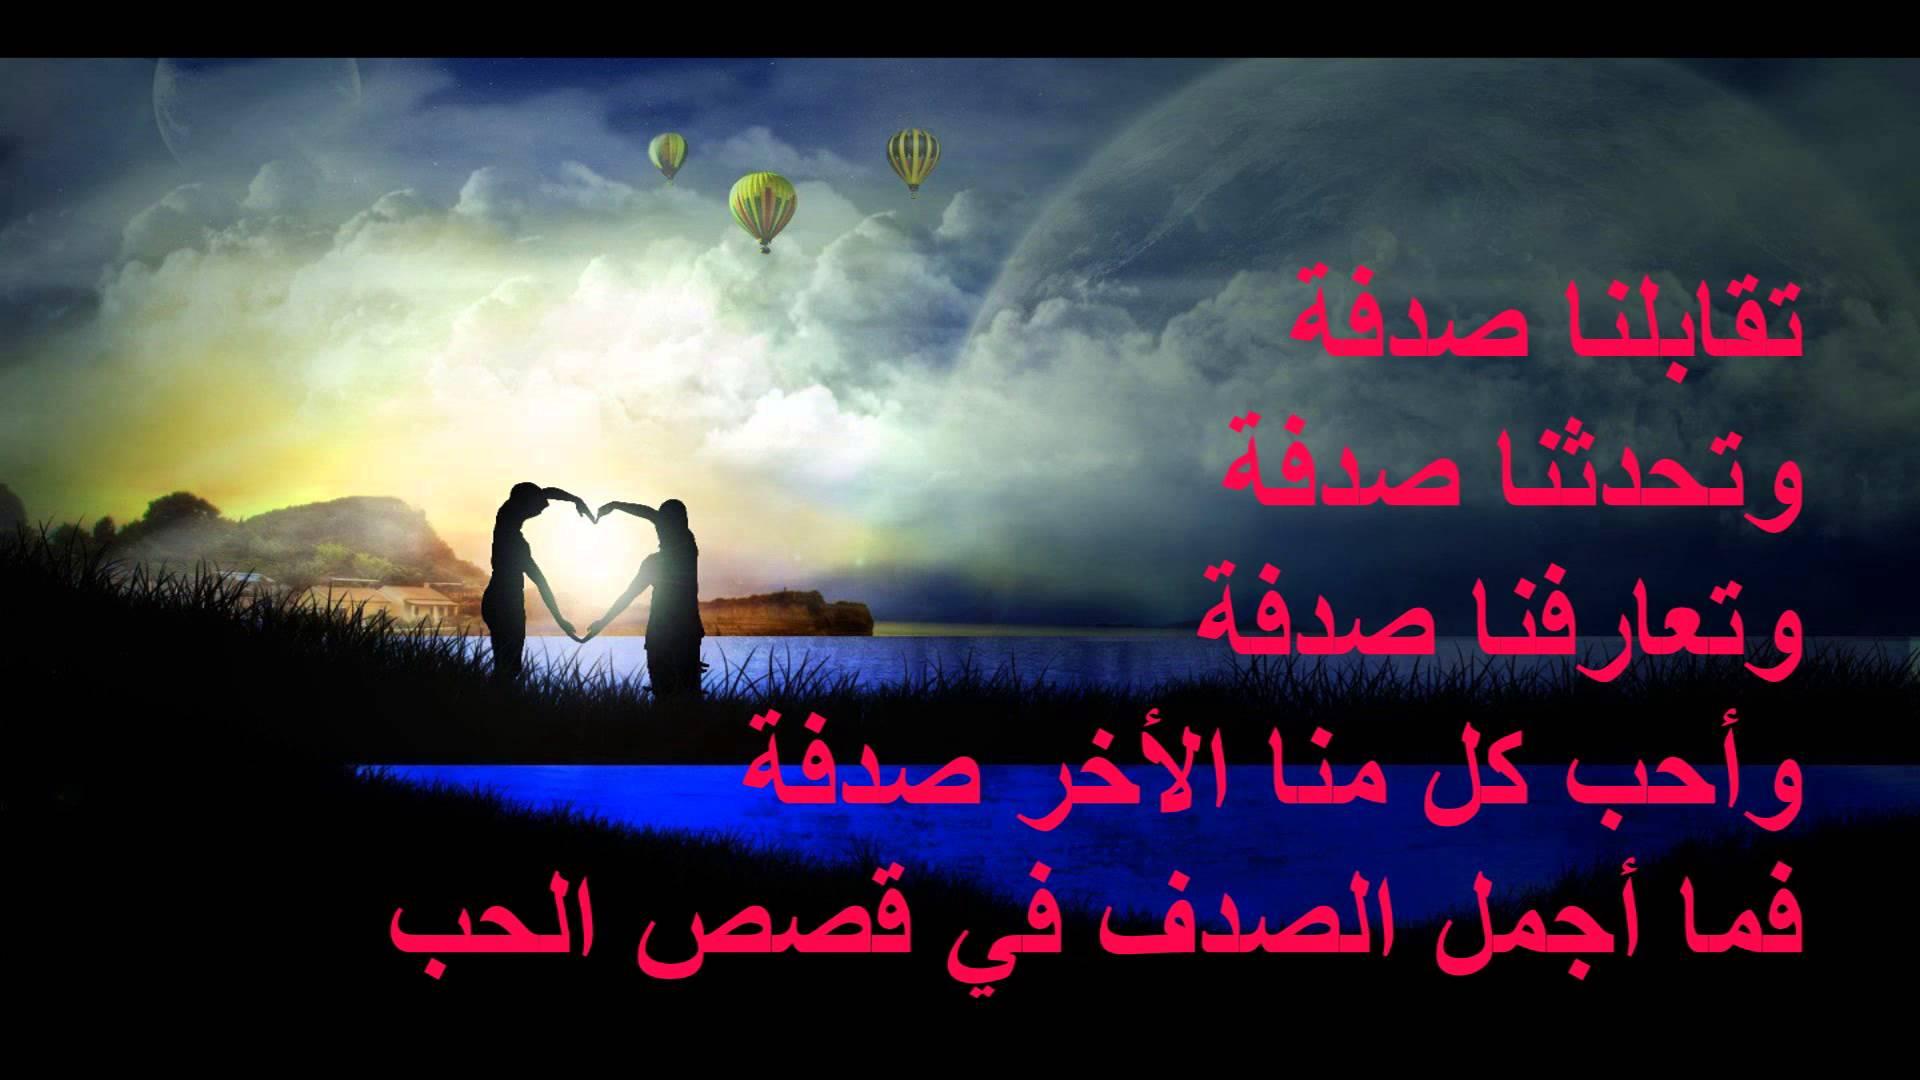 بالصور كلام في الحب والغرام , كلمات عن الحب 3326 1